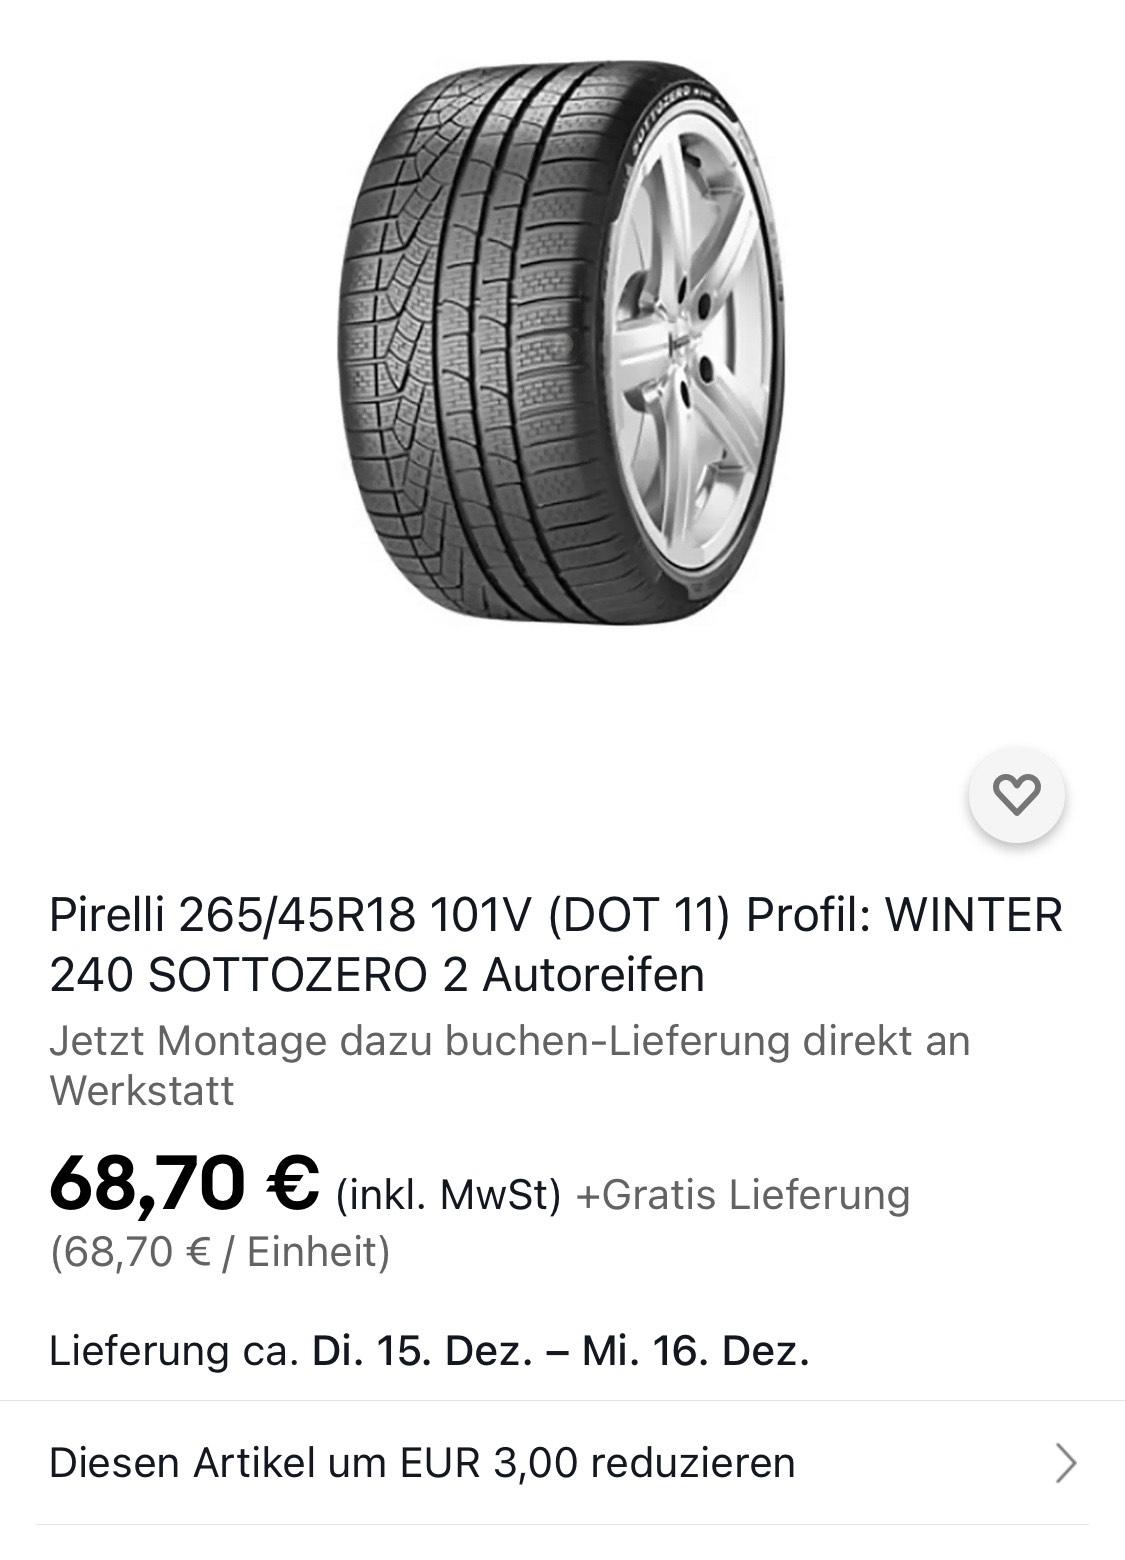 Winterreifen Pirelli W 240 SottoZero II 265/45 R18 101V bei eBay für 68,70€ Inkl. Gratis Lieferung